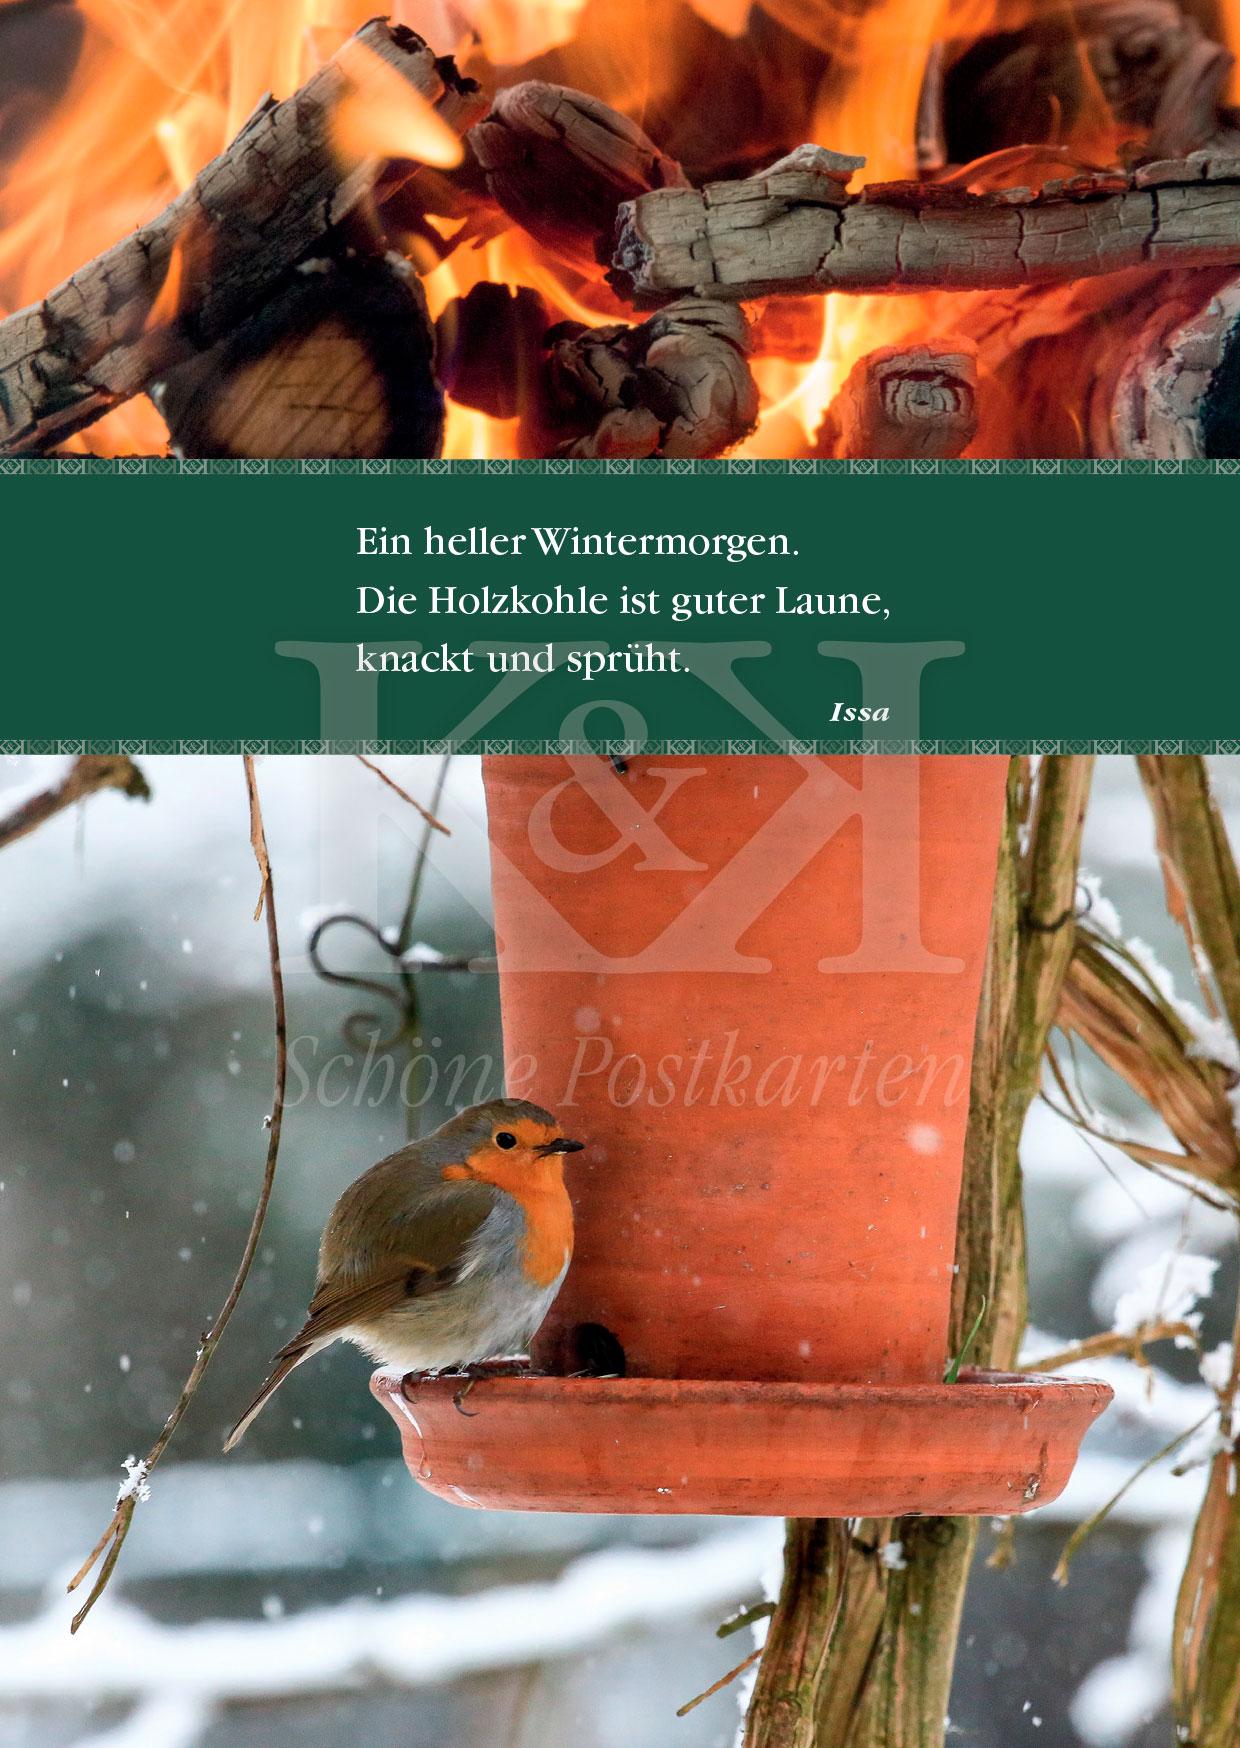 >>> NEU: Schöne Postkarte Nr. 122 · Der große Issa, Meister der kleinen Form